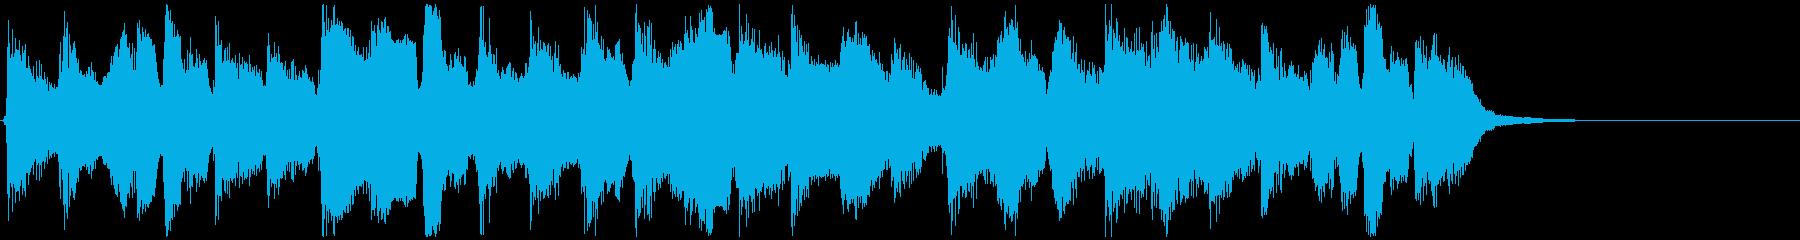 のほほんとした可愛いジングル、リコーダーの再生済みの波形